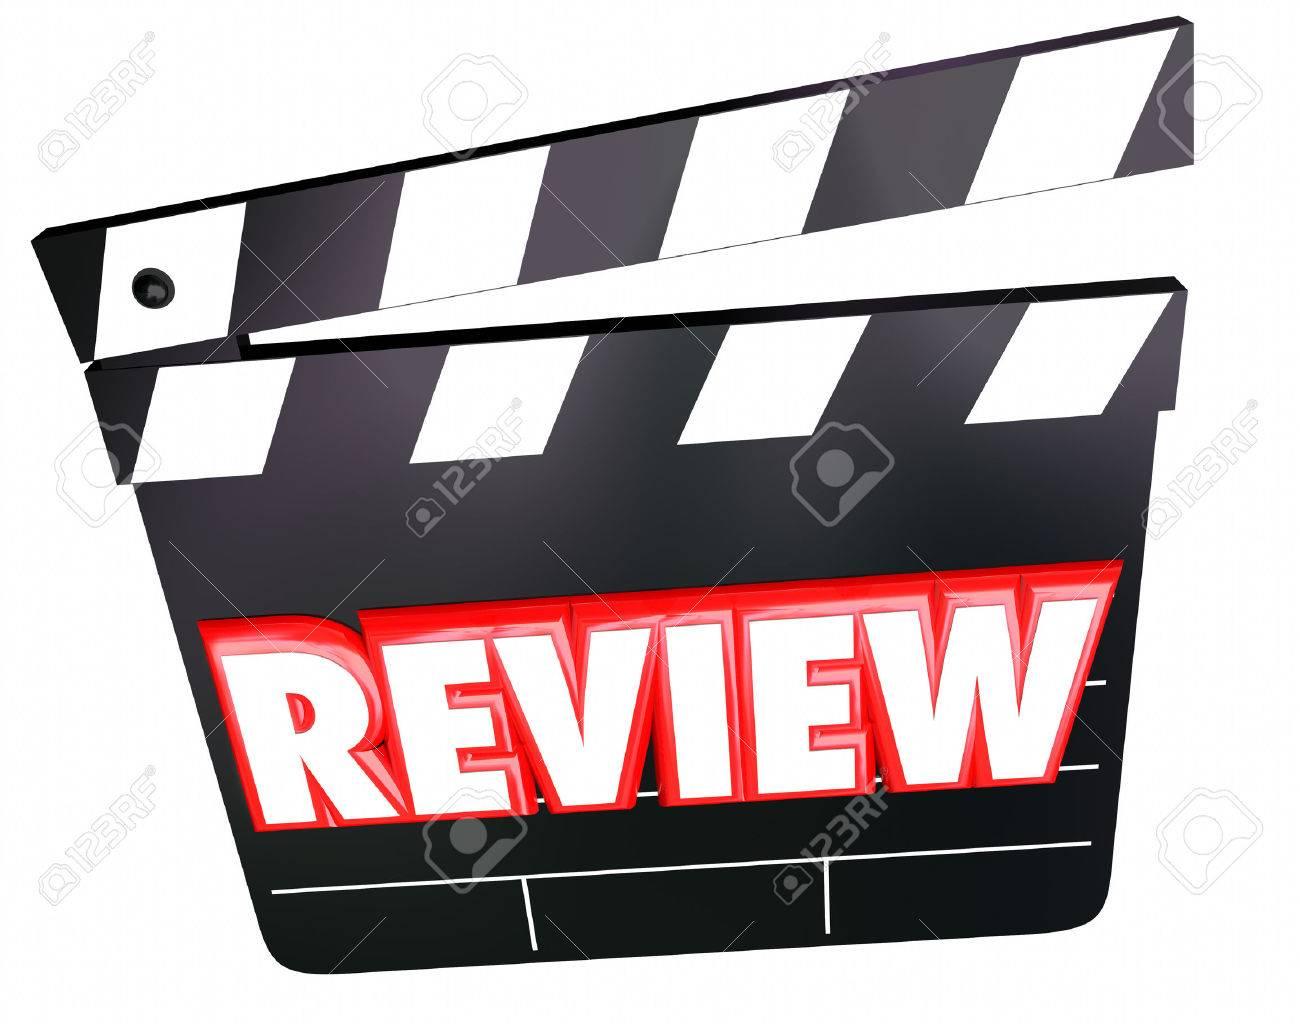 Bewertung Wort Auf Film Klöppel Für Film Kommentare, Meinungen ...